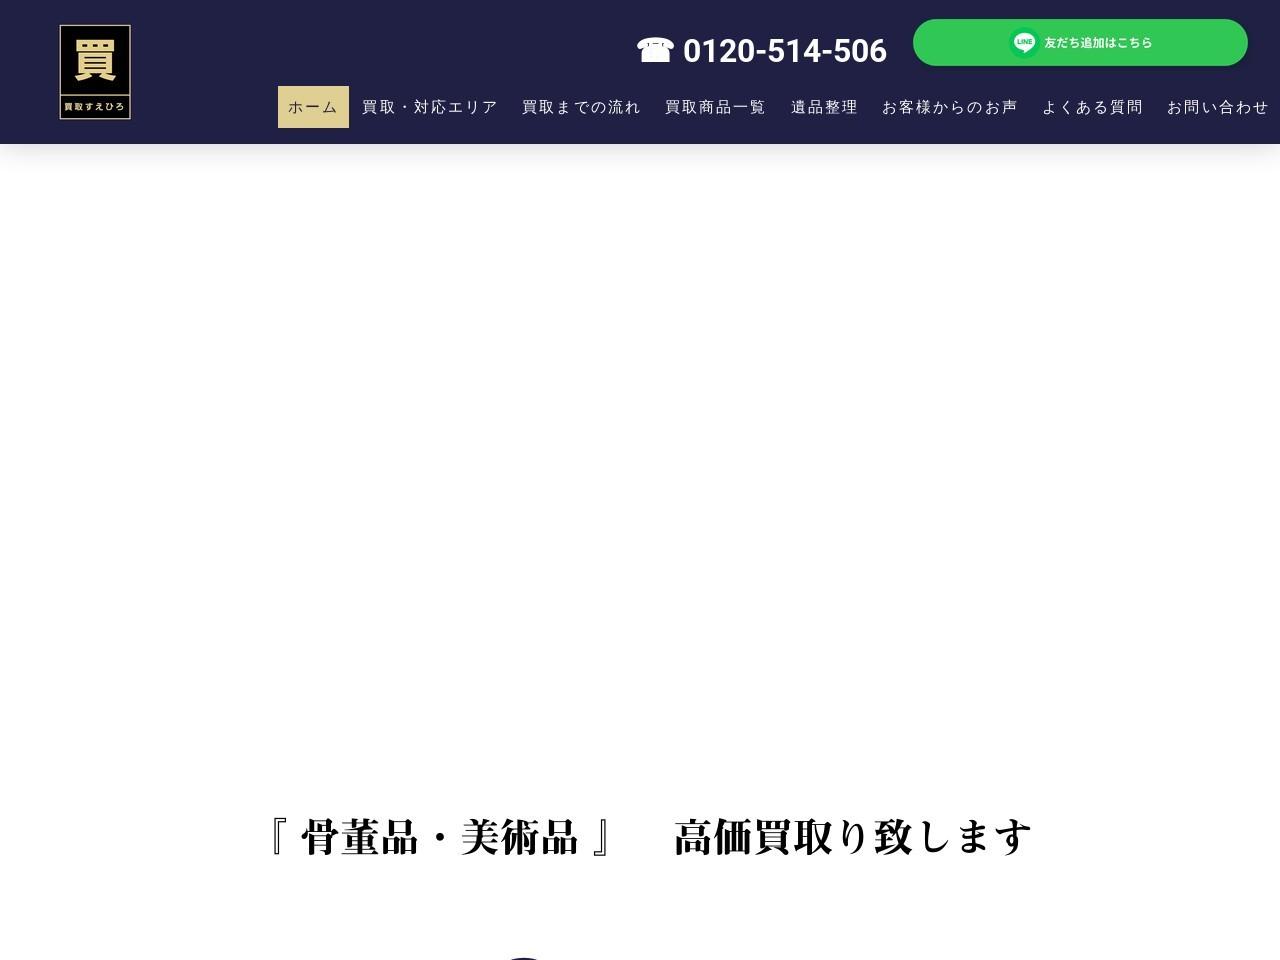 鳥取県鳥取市 買取専門「古美術 すえひろ」 掛軸・茶道具・仏像などの骨董品や金・プラチナ買取 - 鳥取県鳥取市 買取専門 すえひろ 骨董品 高価買取